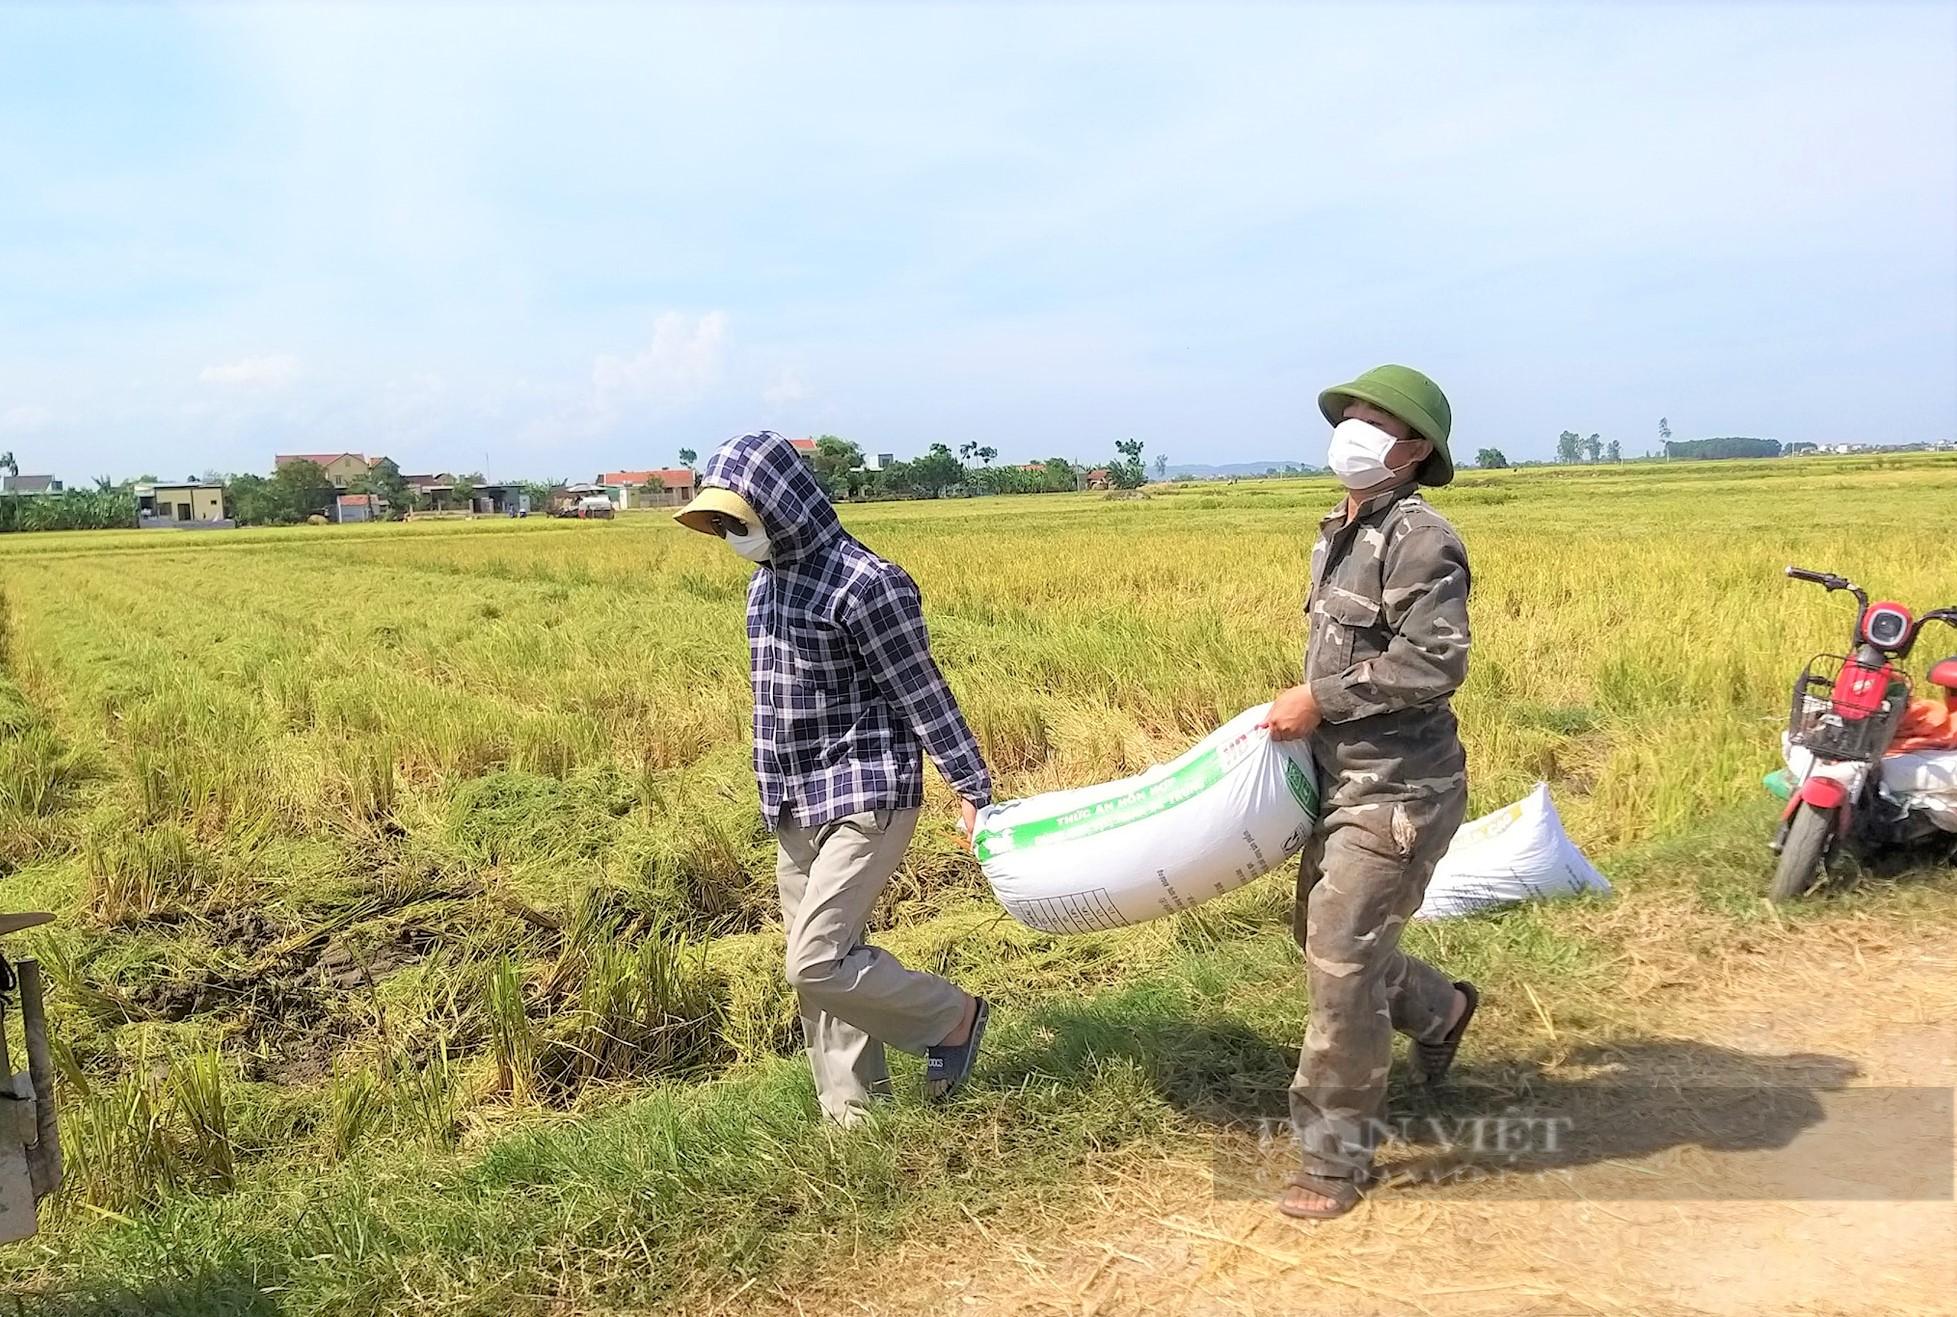 """Nghệ An: Nông dân tự giác phòng dịch, """"áo xanh"""" gặt lúa giúp dân vùng giãn cách xã hội - Ảnh 8."""